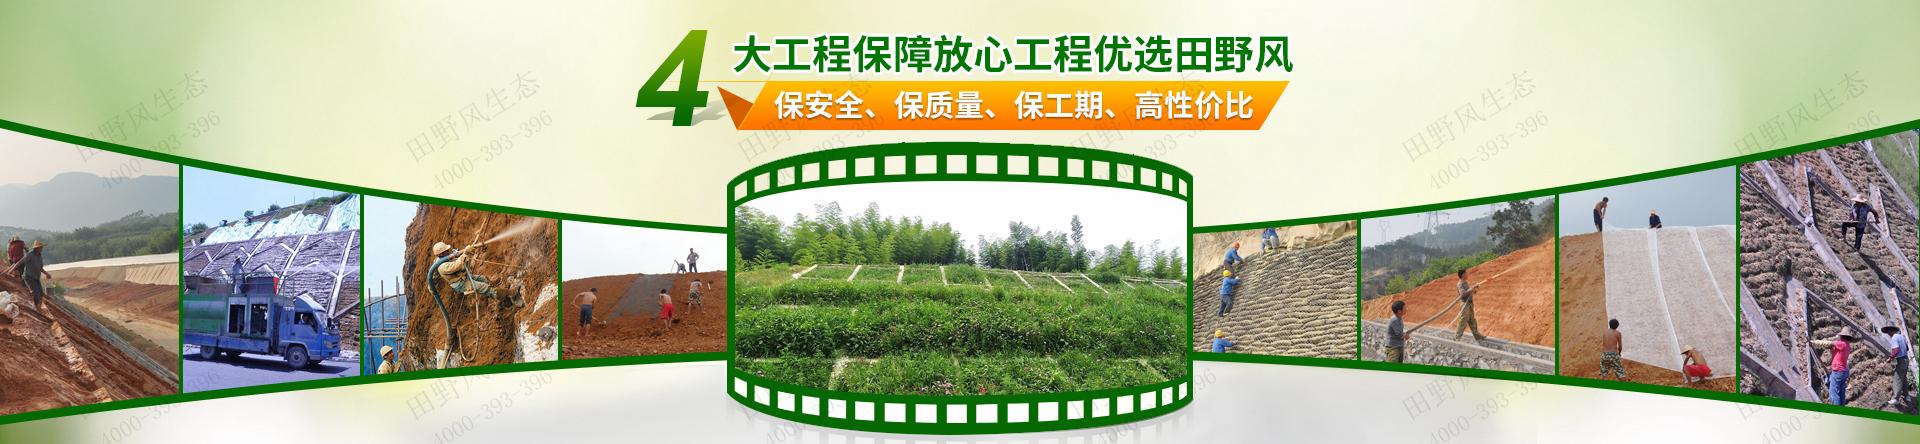 2生态修复工程